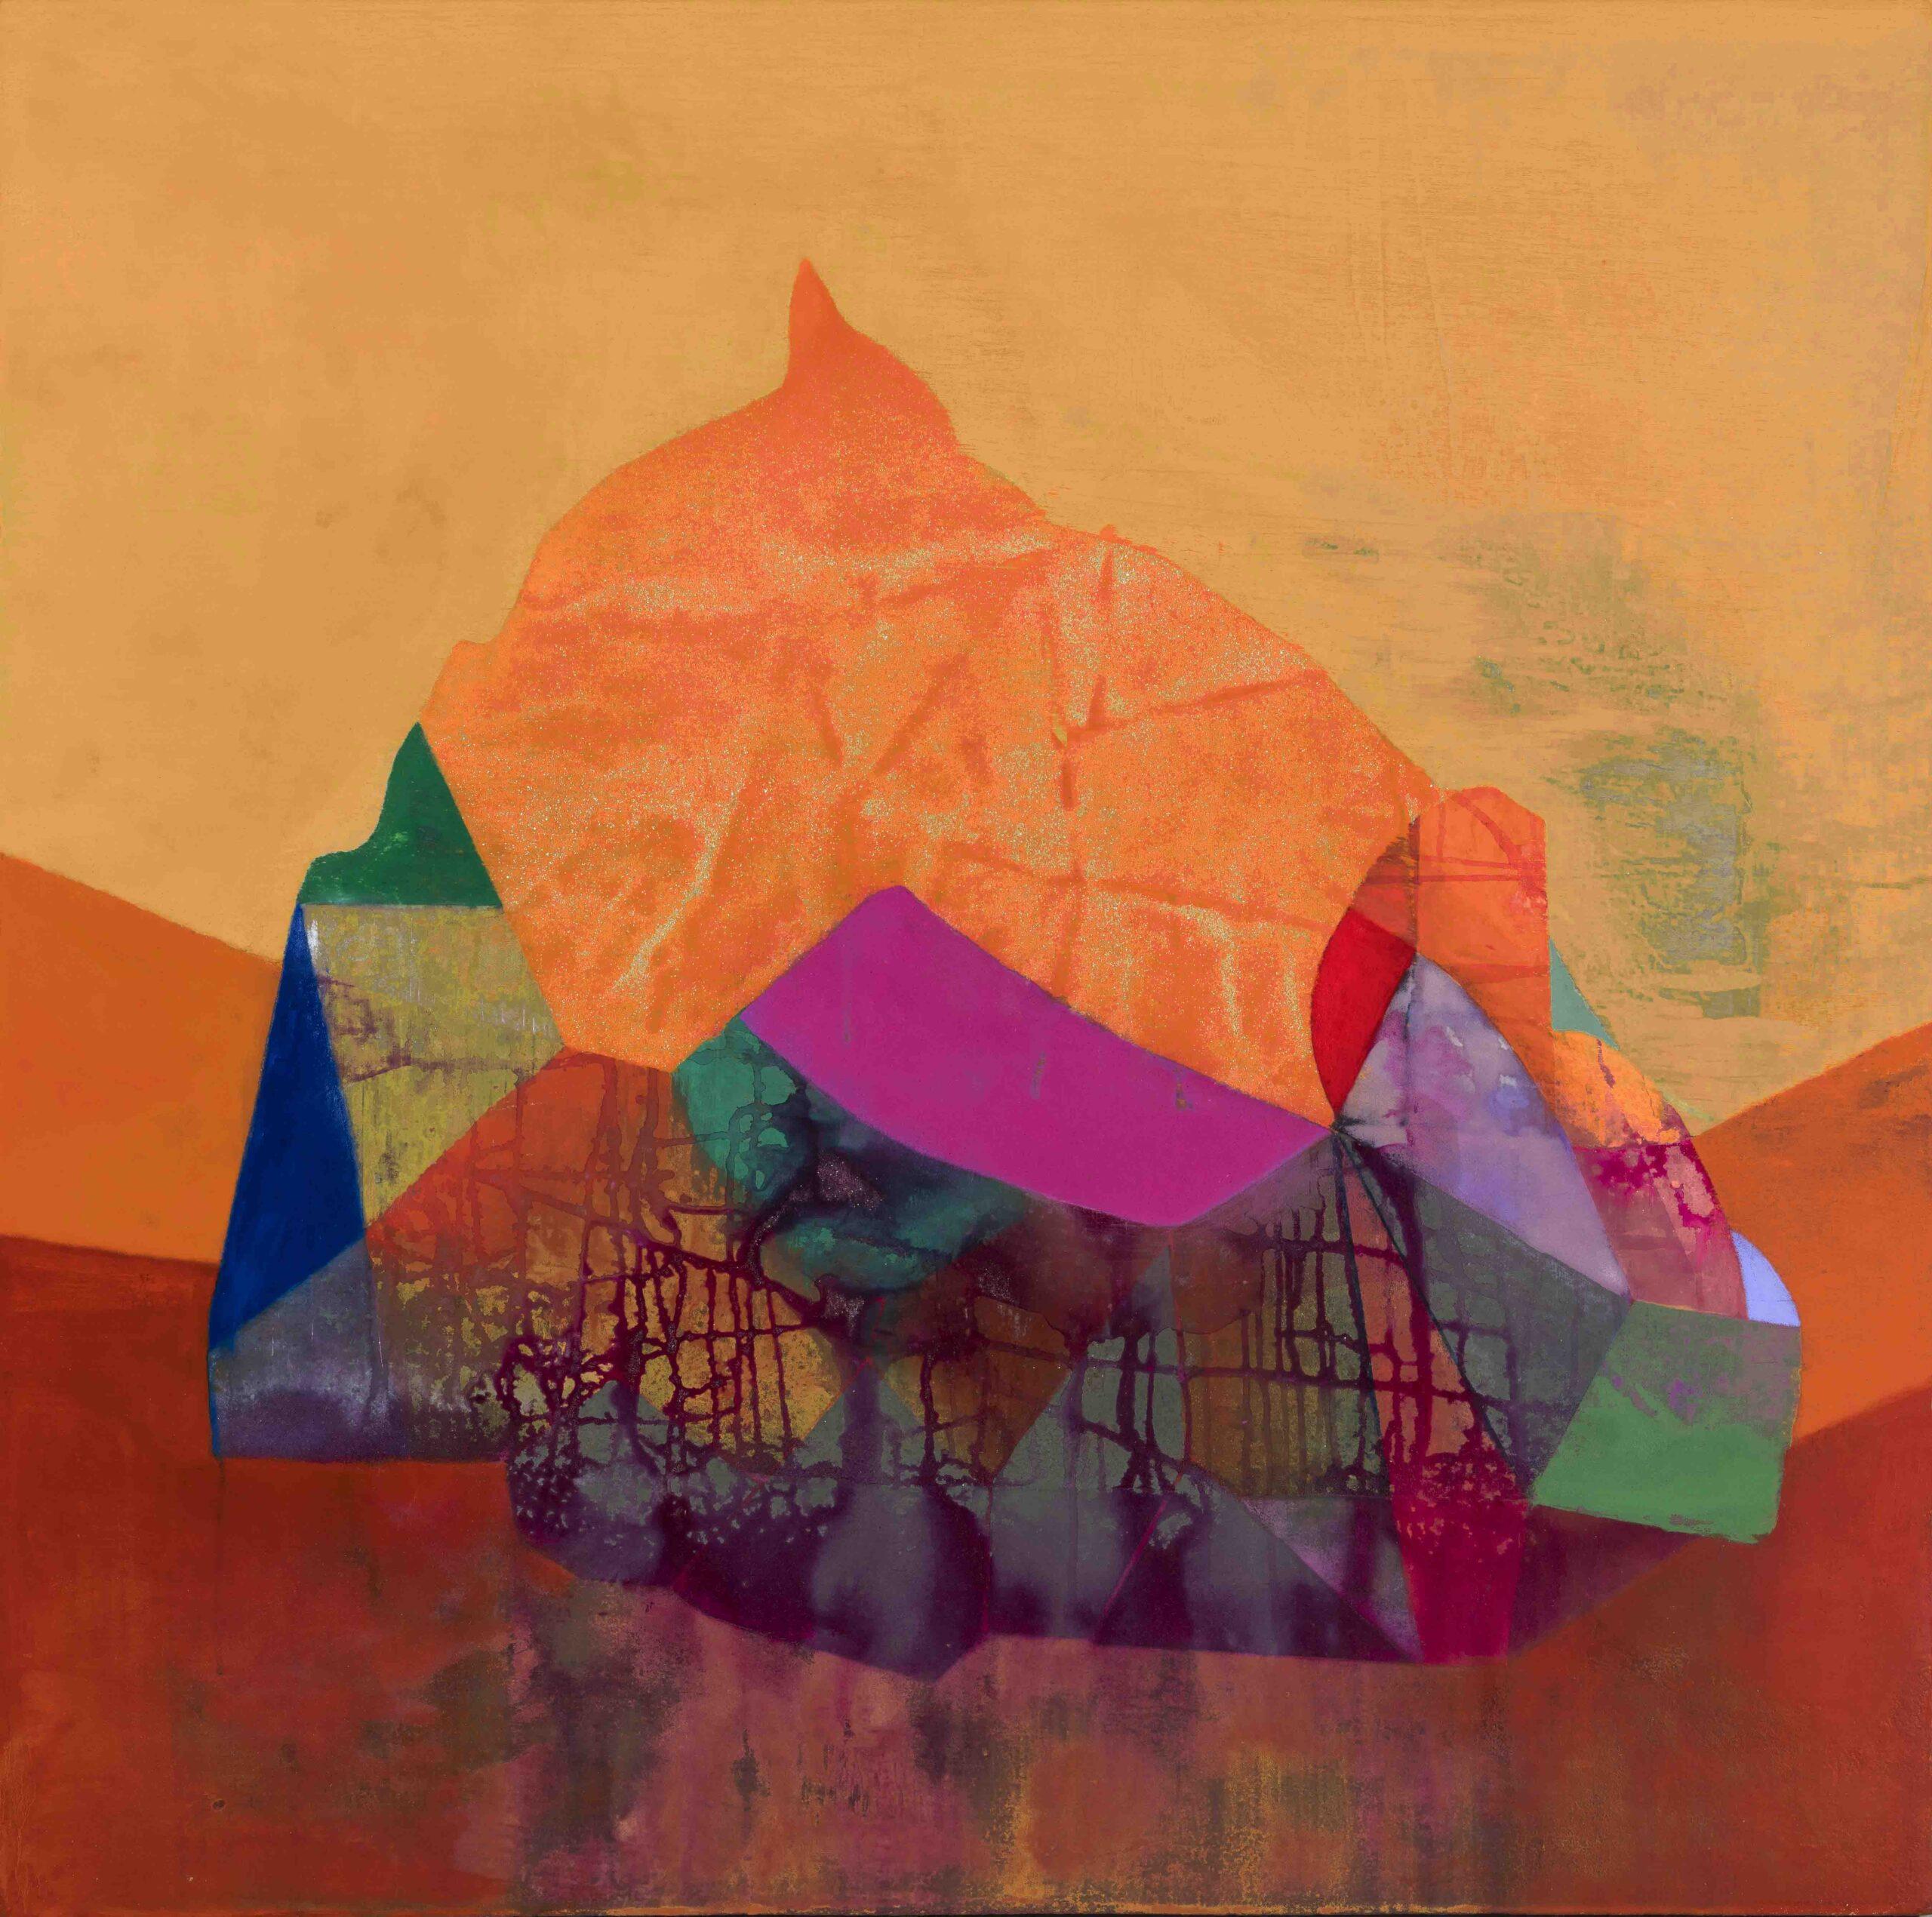 Filament. Eden. Tom Climent. Jackson's Painting Prize.